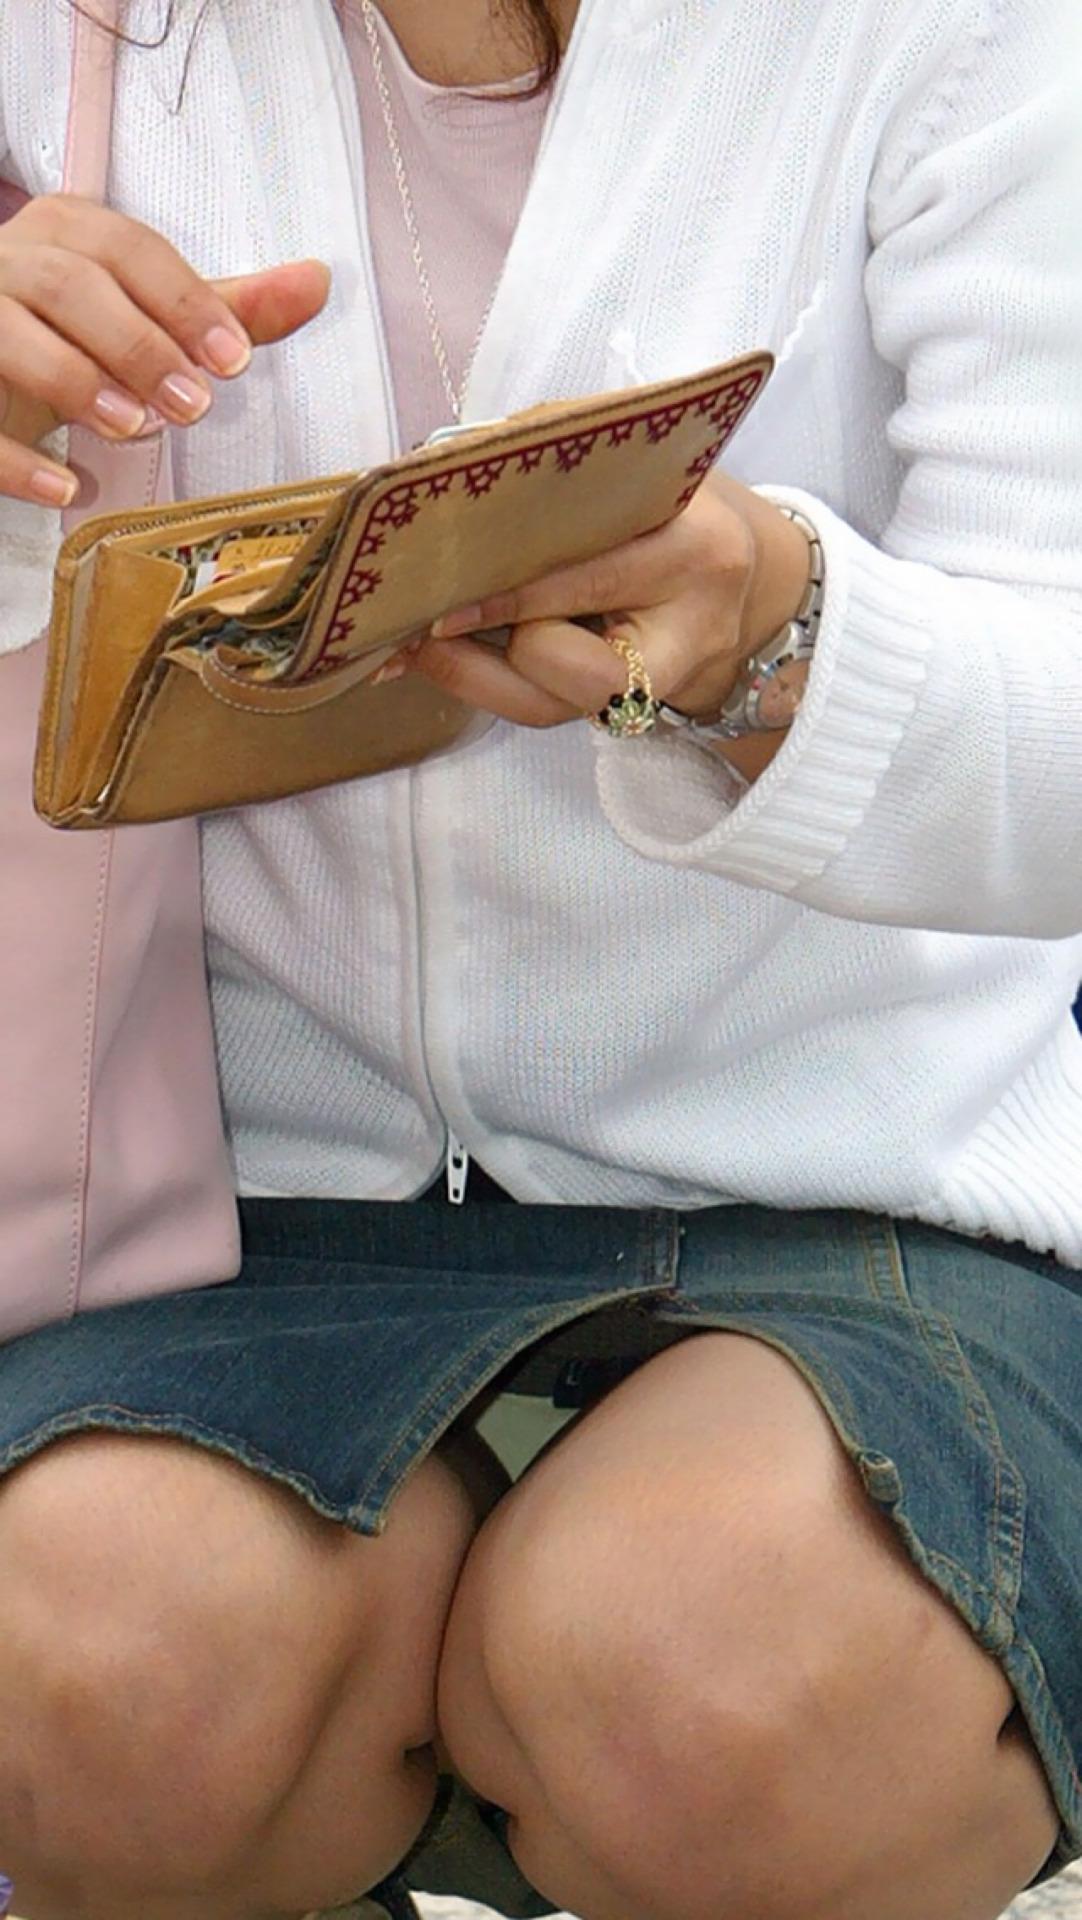 【パンチラエロ画像】そんな簡単でいいの?見せ過ぎ傾向な座りチラ女子www 09